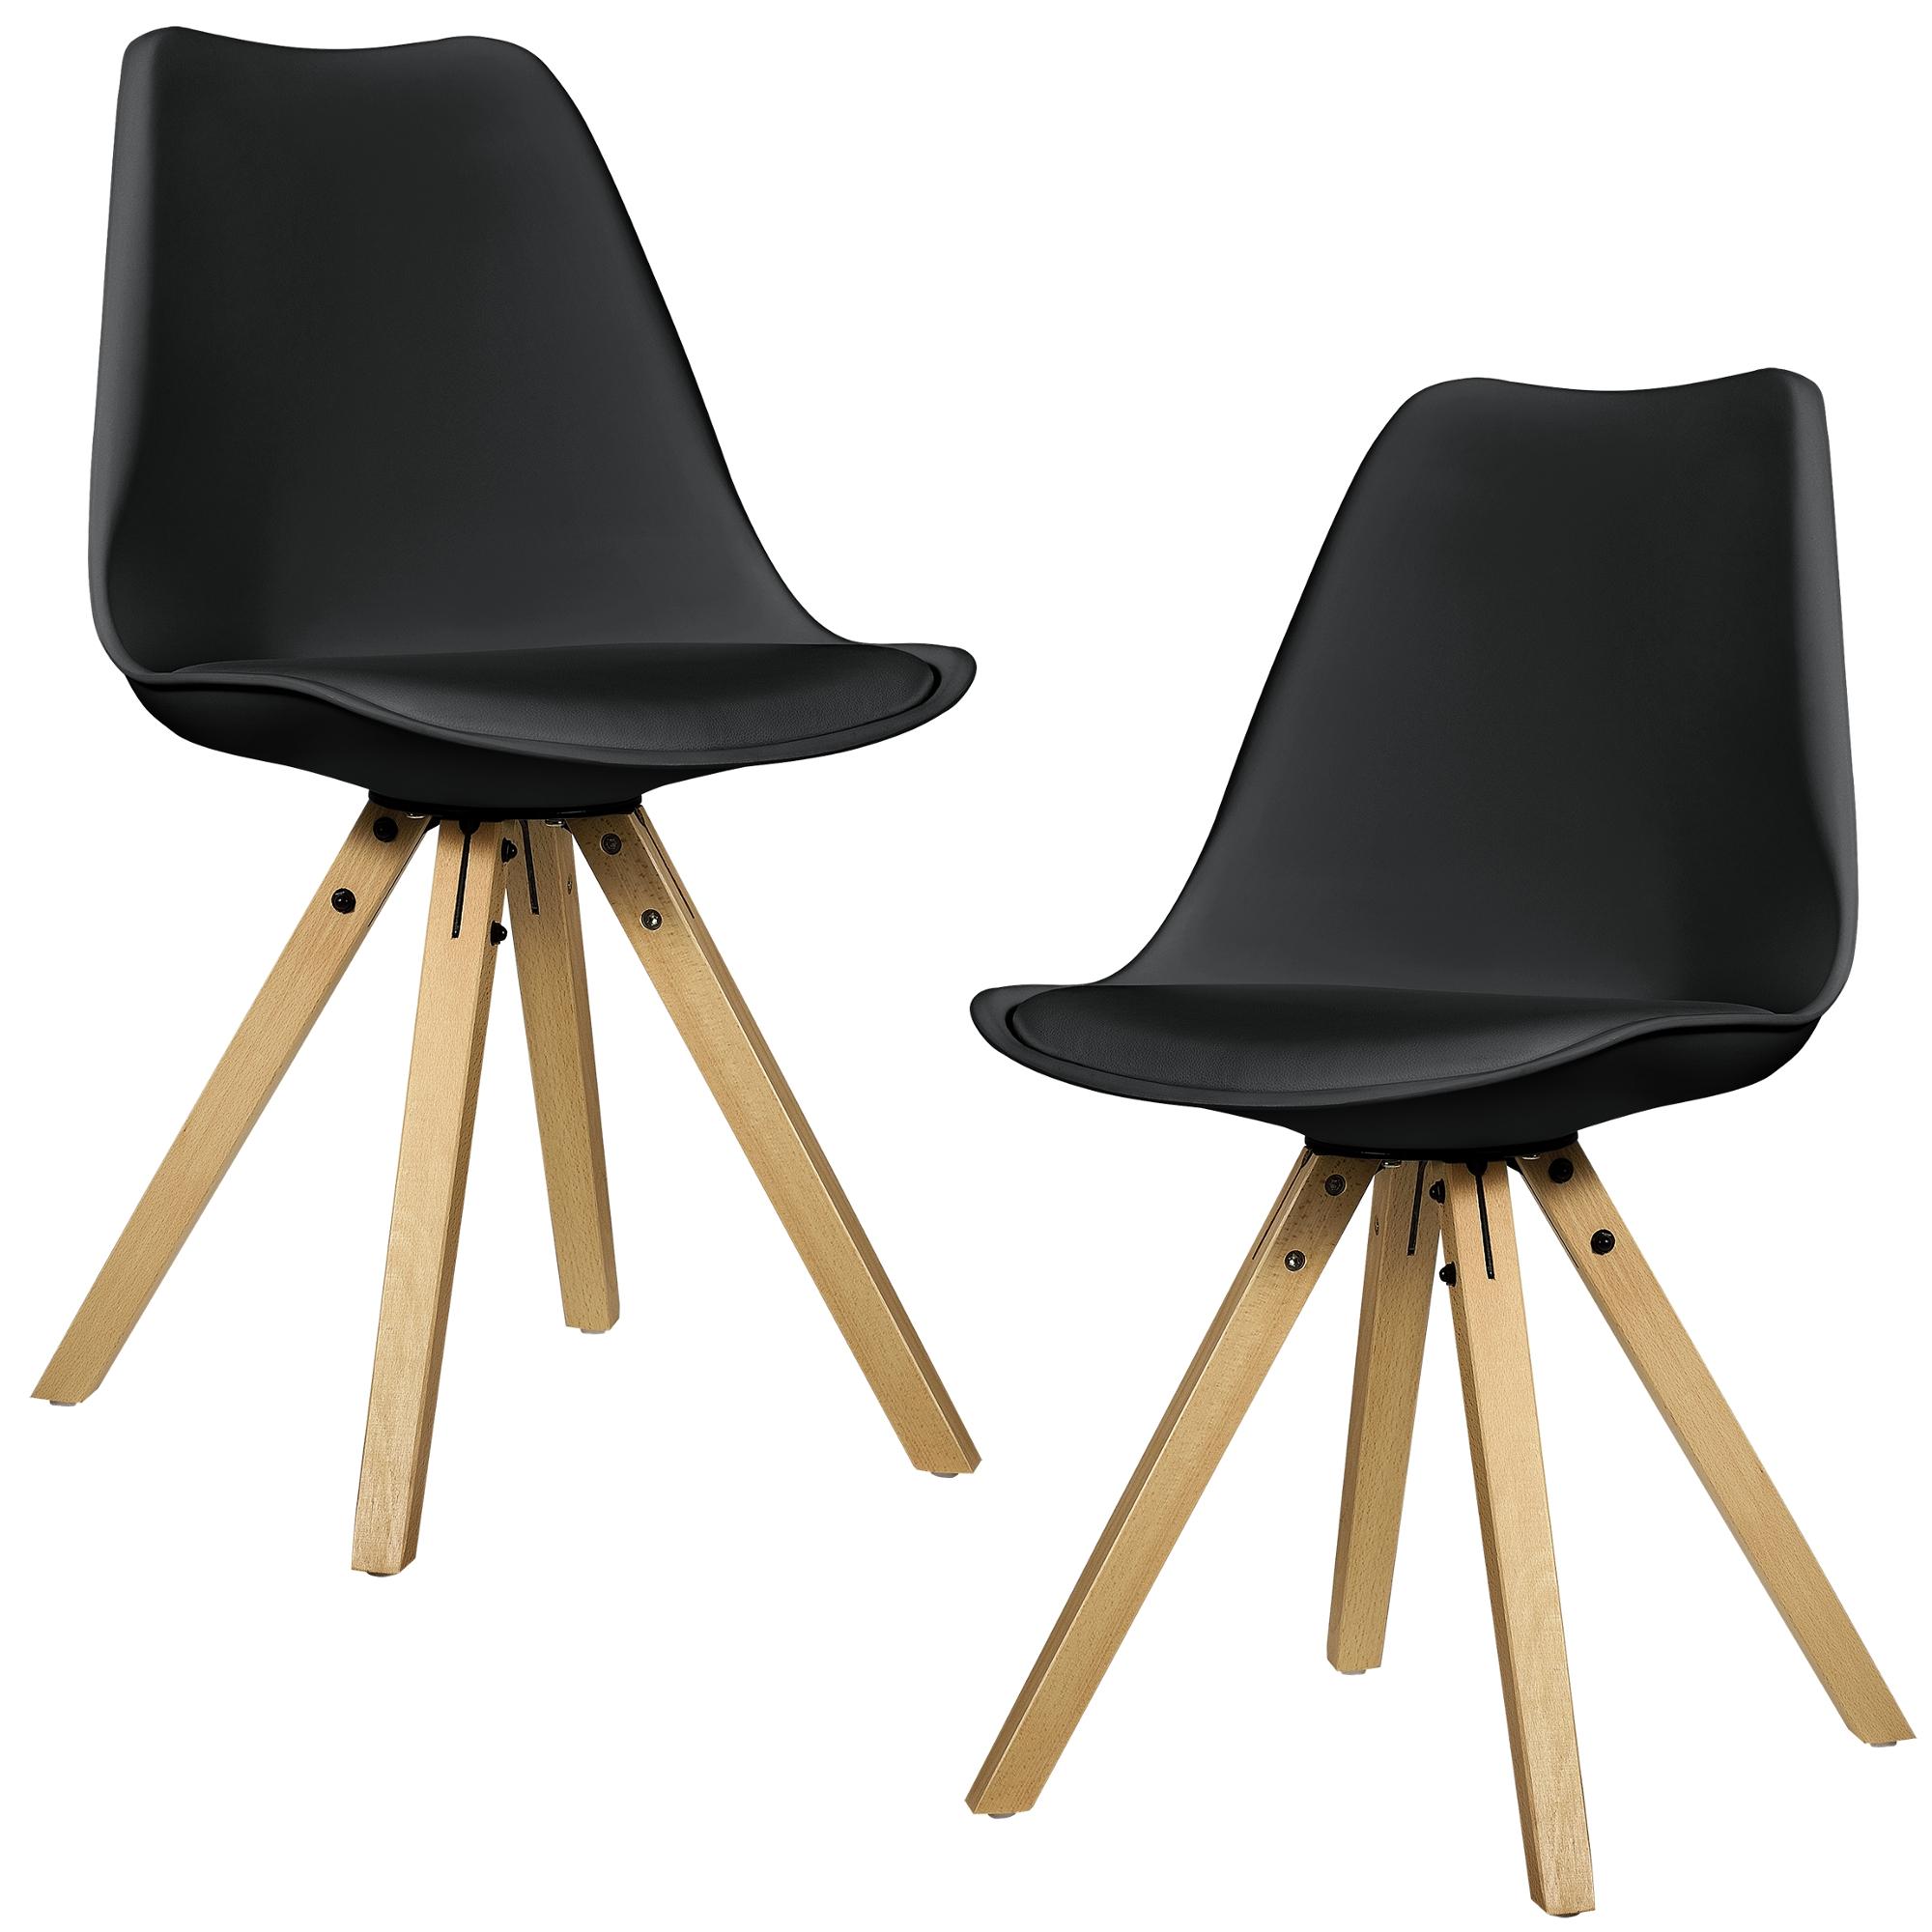 en.casa] 2x design stühle esszimmer stuhl holz kunststoff kunst, Wohnzimmer dekoo